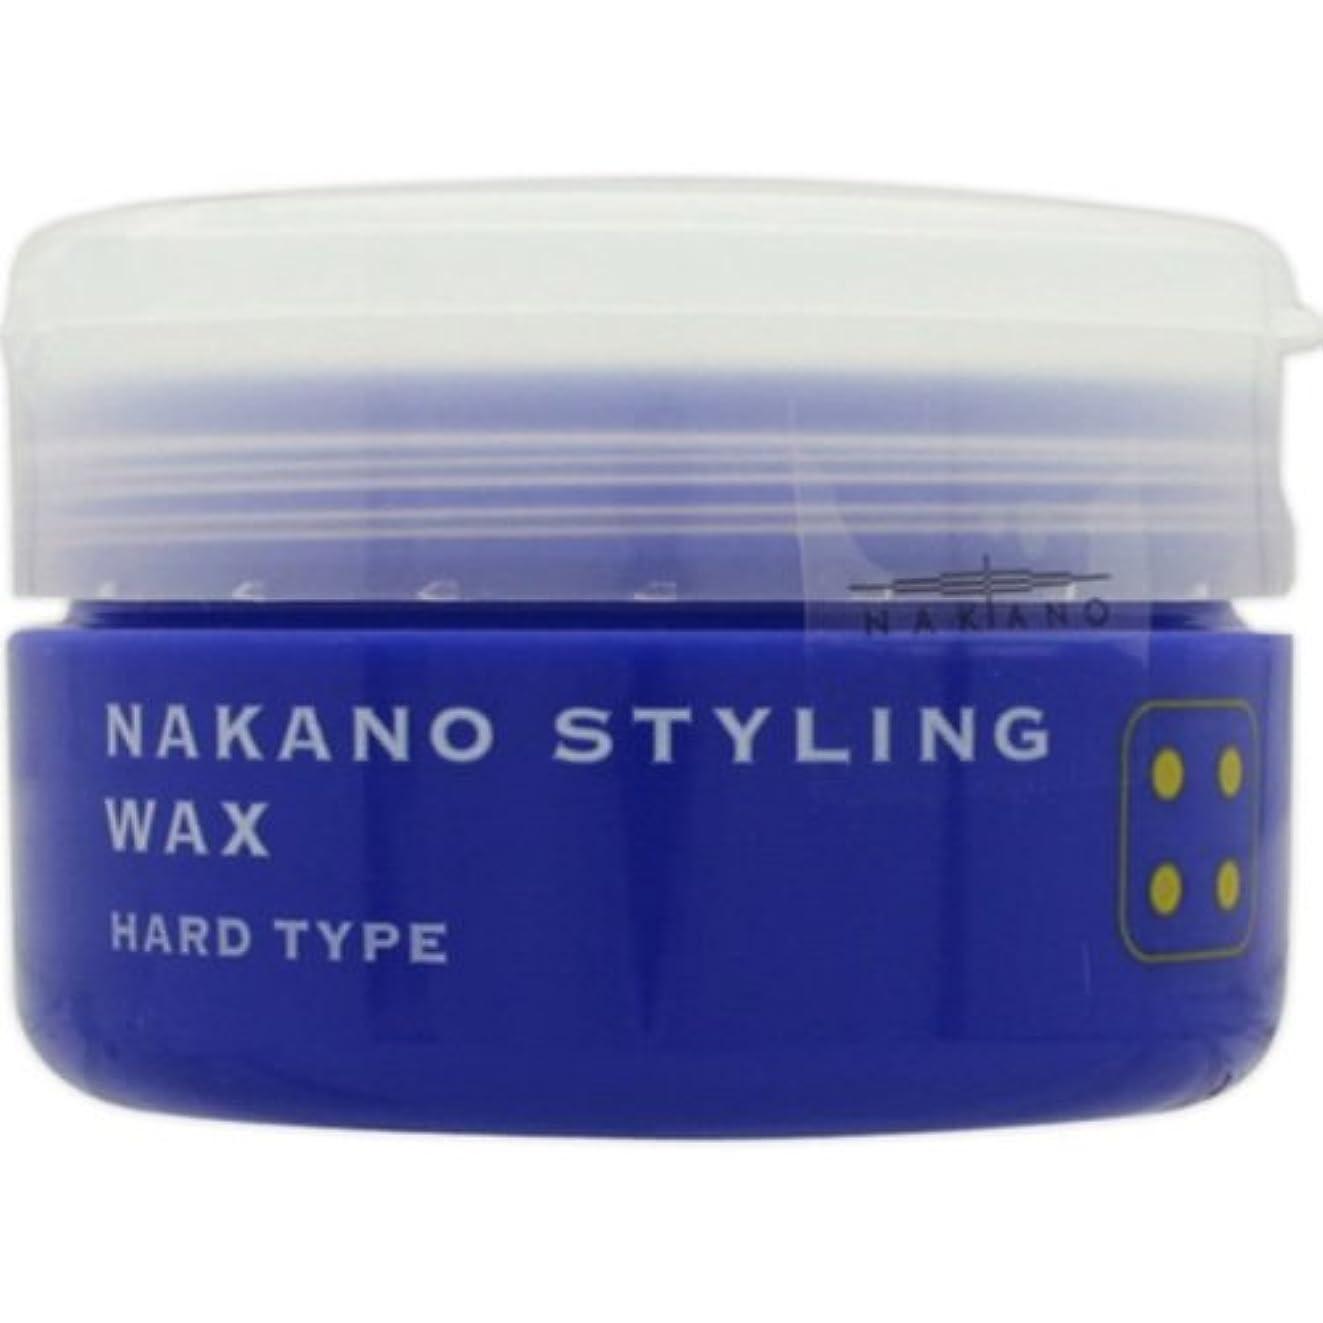 手足険しい学習ナカノ スタイリングワックス 4 ハードタイプ 90g 中野製薬 NAKANO [並行輸入品]